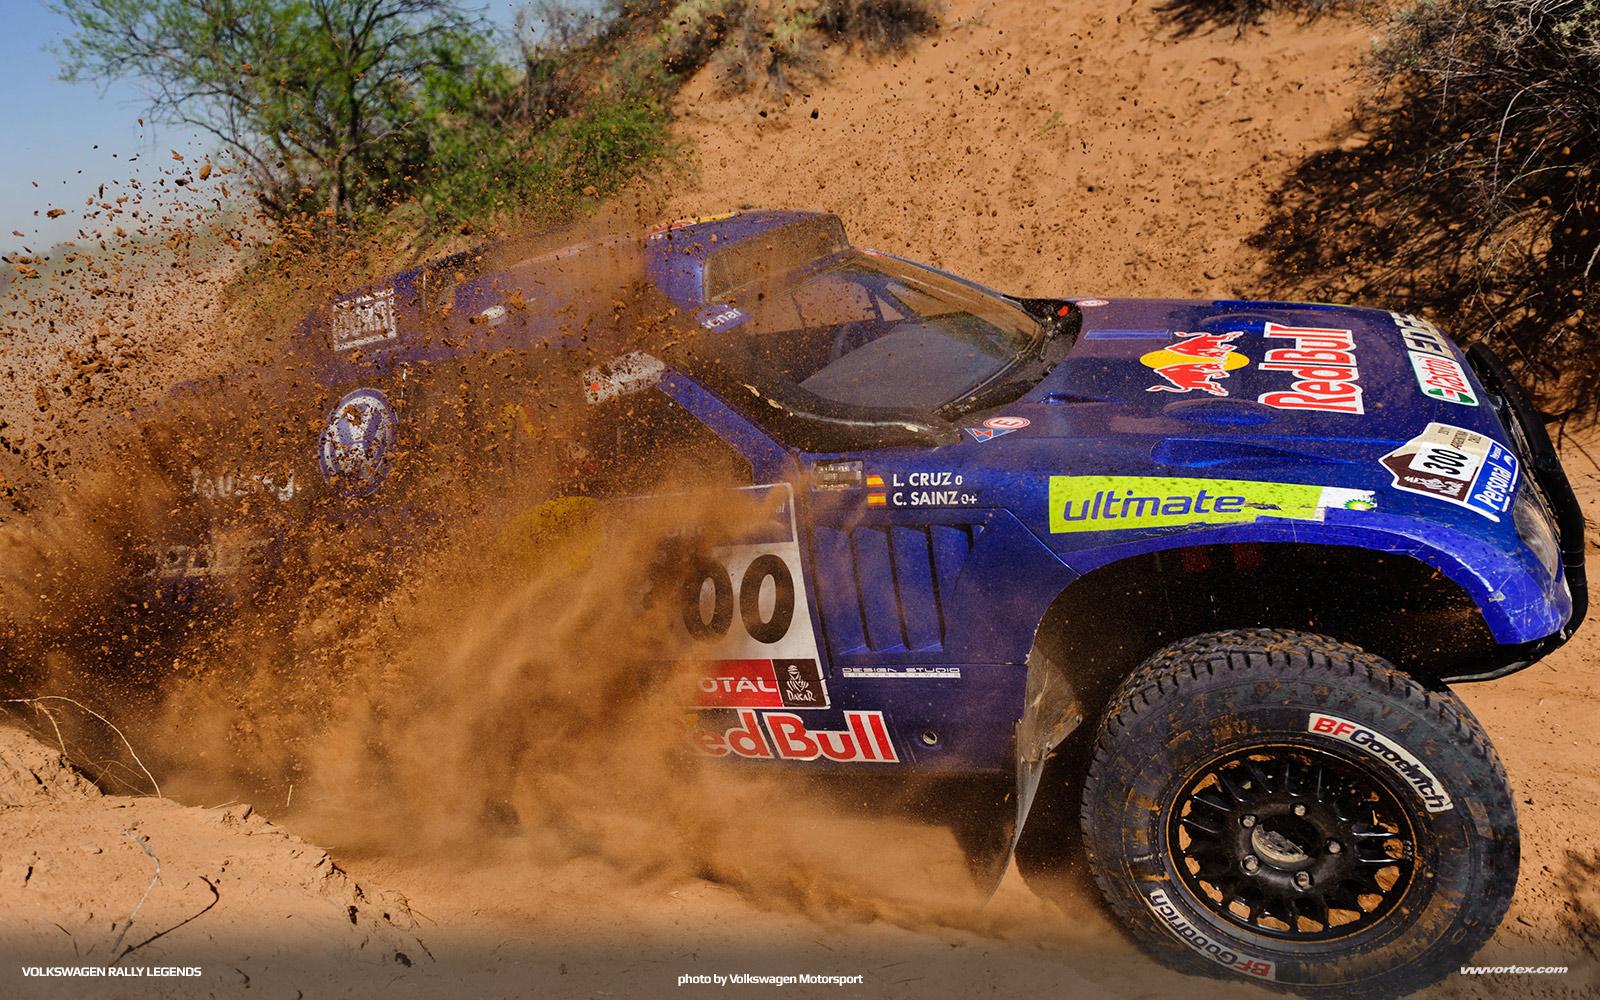 volkswagen-rally-legends-364